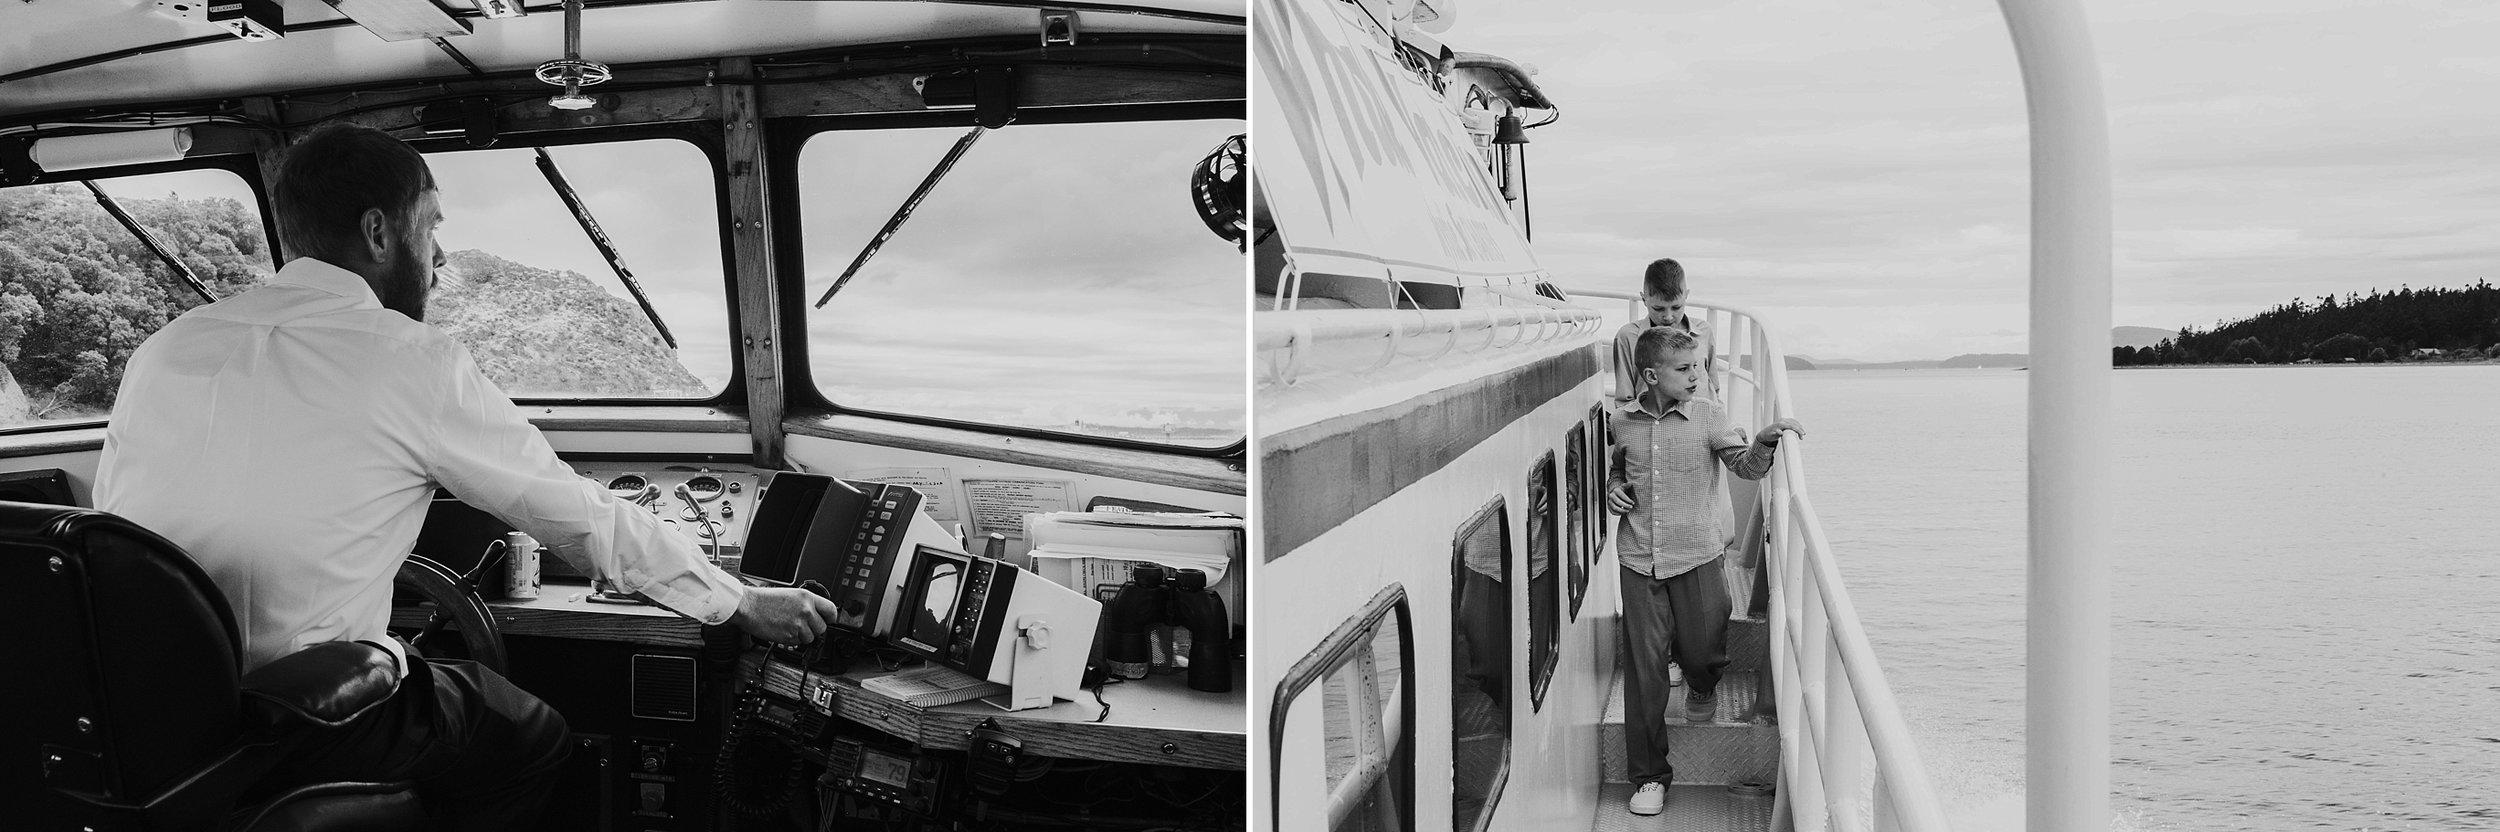 Orcas-Island-Wedding-photographer-J HODGES PHOTOGRAPHY_0198.jpg